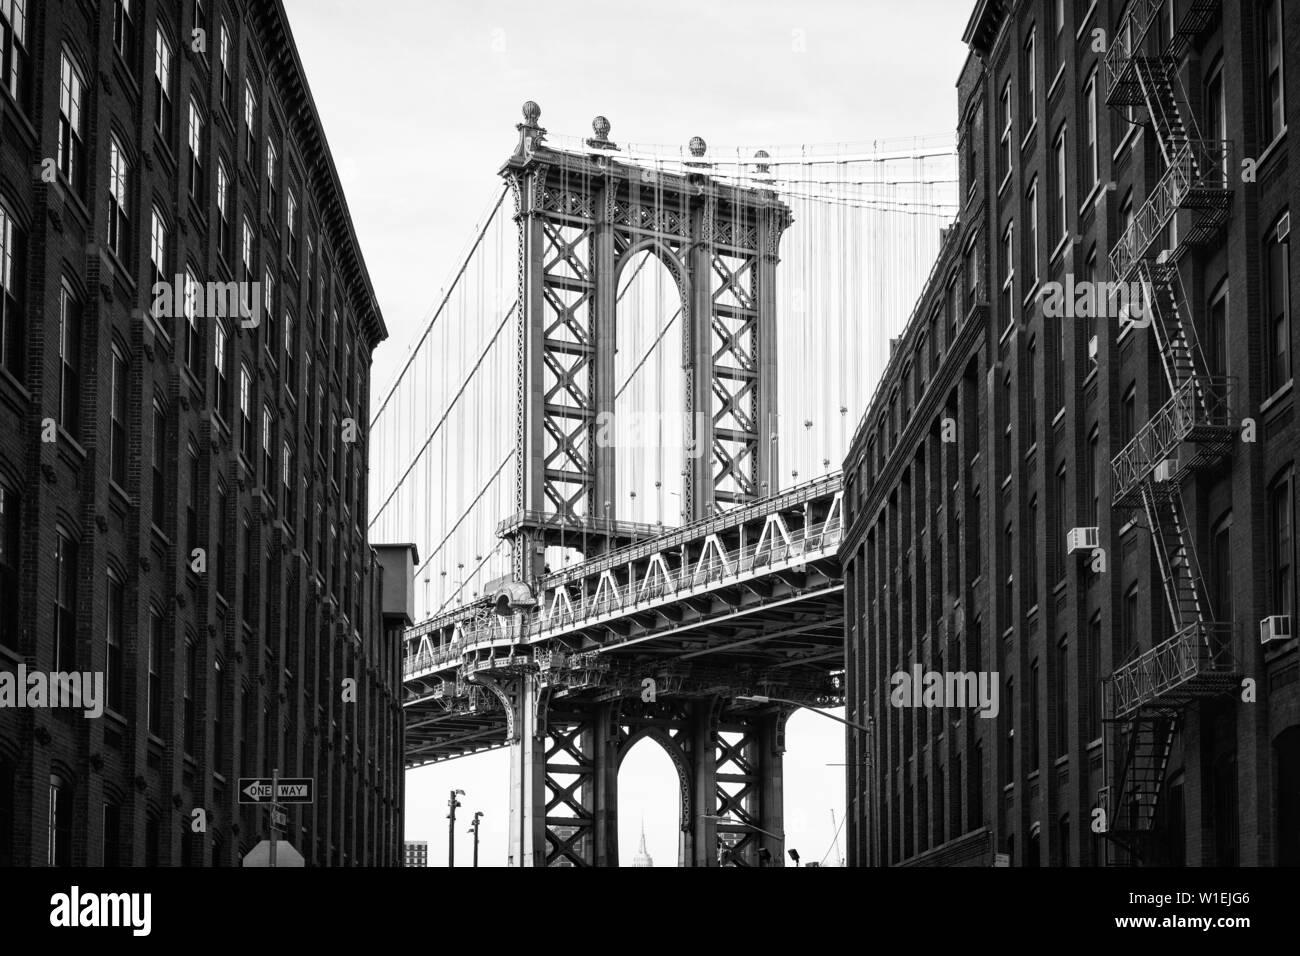 Pont de Manhattan avec l'Empire State Building à travers les arches, New York City, New York, États-Unis d'Amérique, Amérique du Nord Banque D'Images